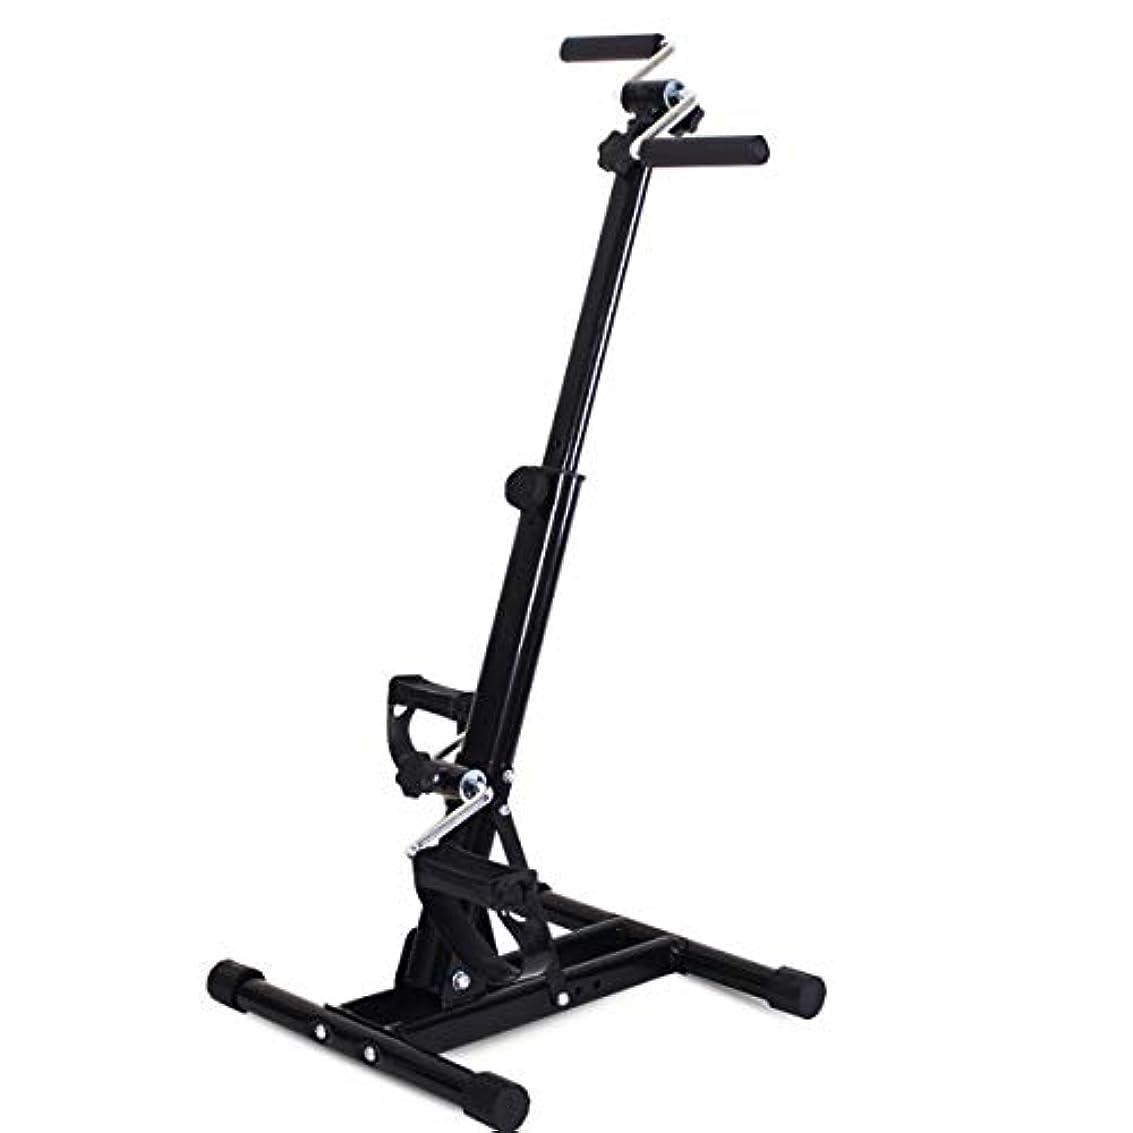 レスリング抑制する残忍な高齢者リハビリテーション訓練自転車、ホームレッグアームペダルエクササイザー、上肢および下肢のトレーニング機器、ホーム理学療法フィットネストレーニング,A